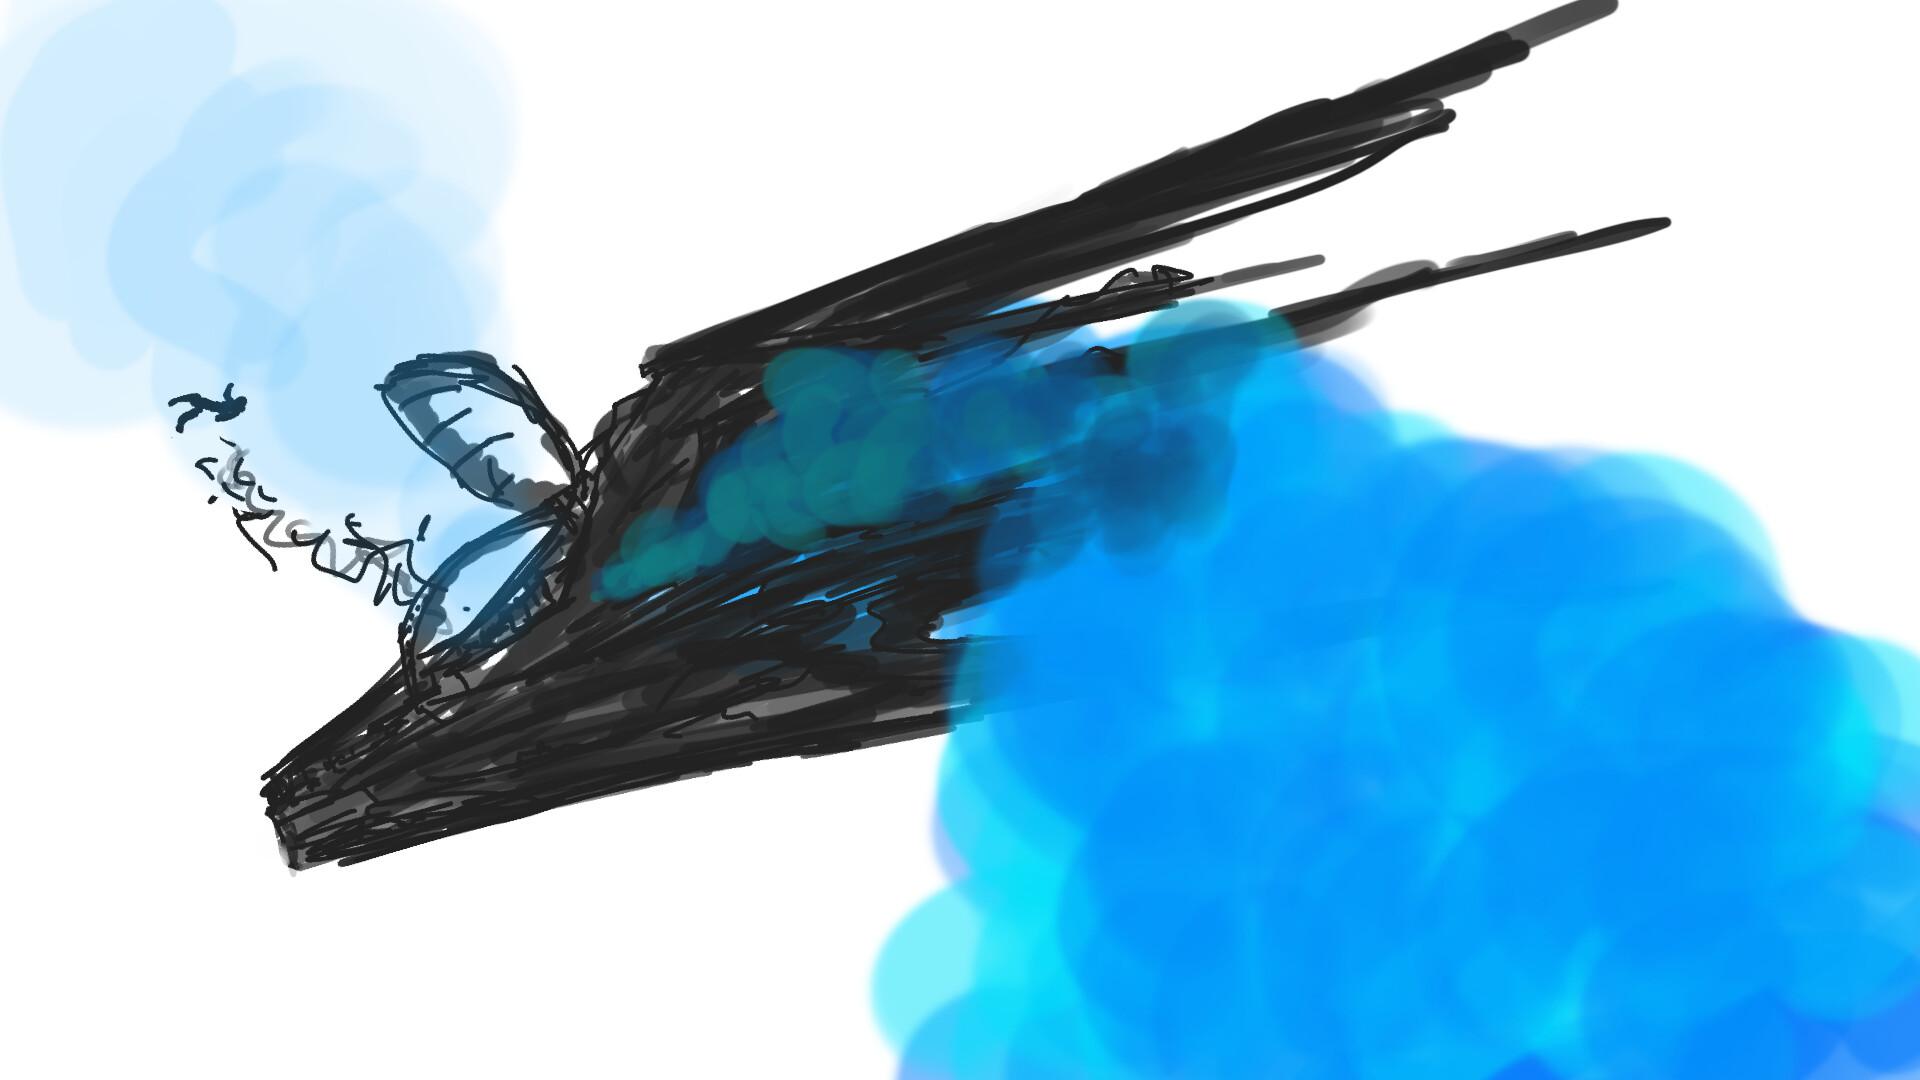 Alexander laheij drawing10 27